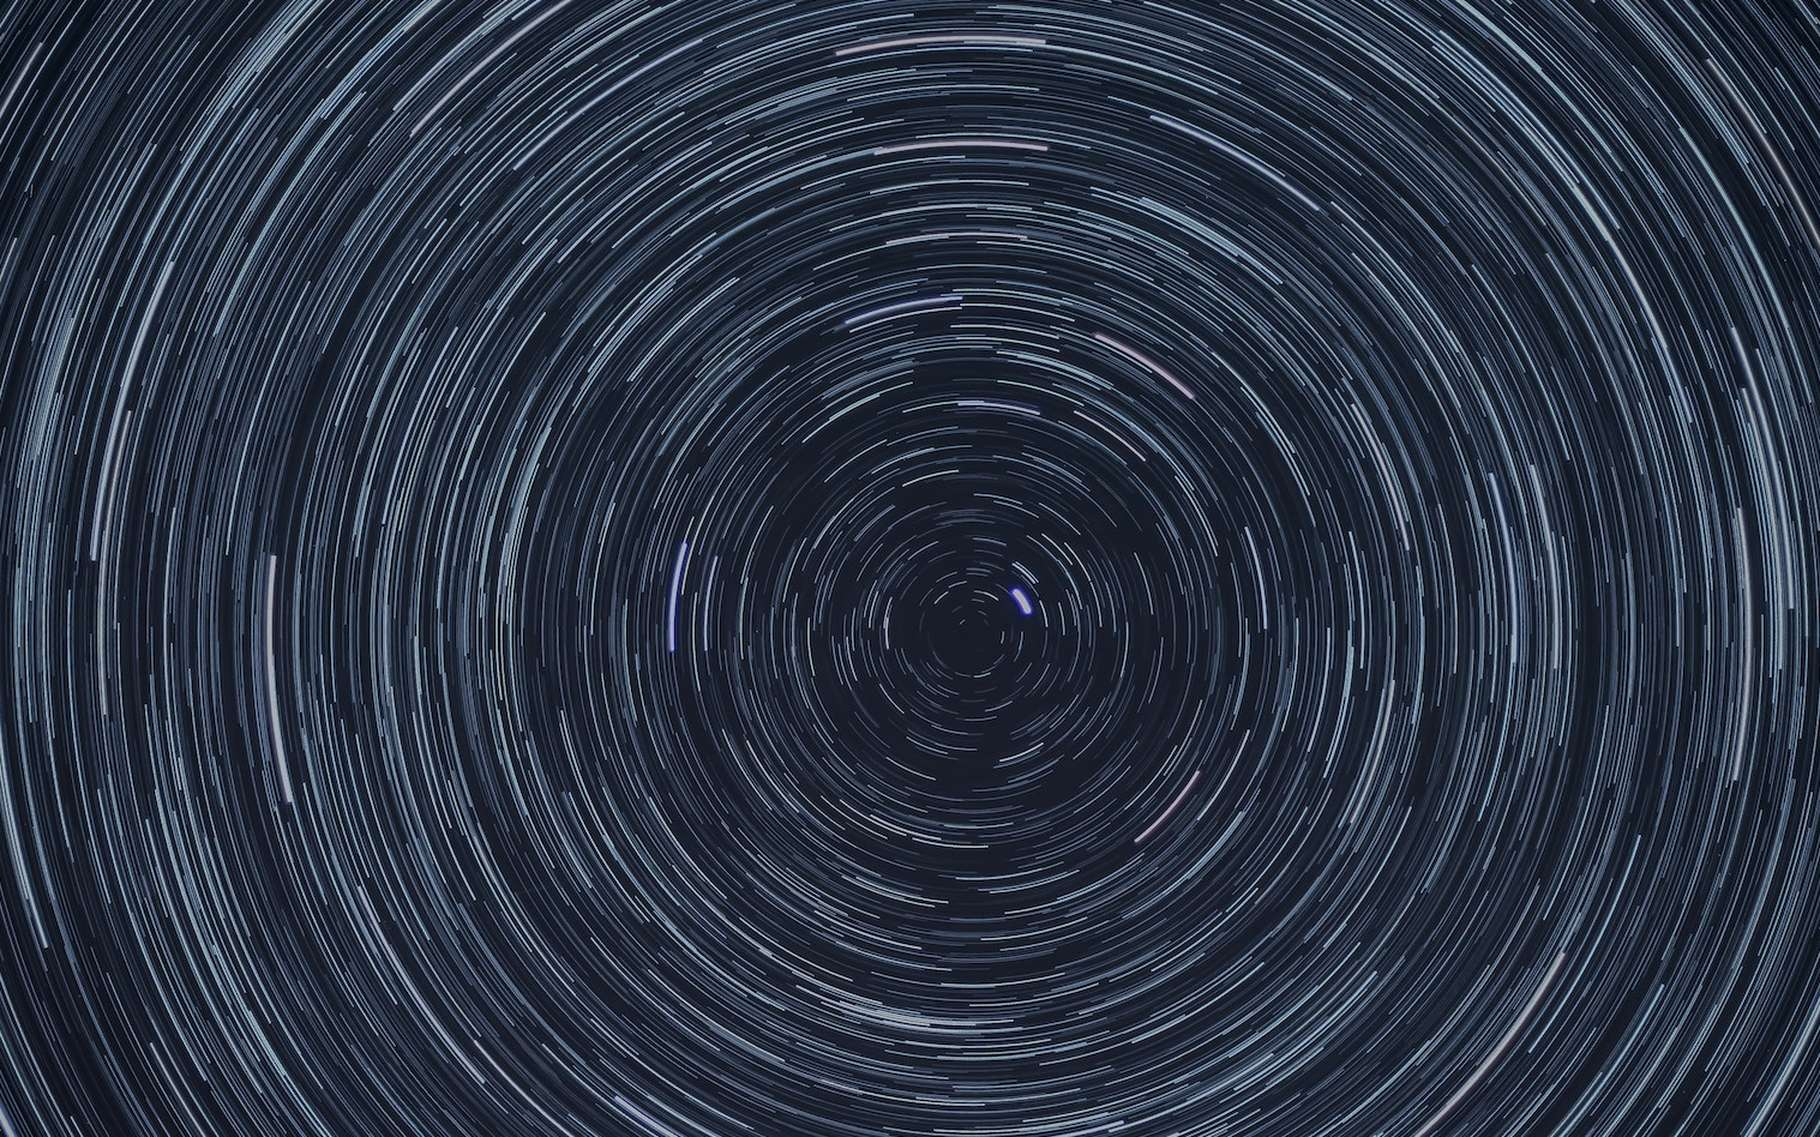 On appelle parallaxe, angle qui mesure le déplacement de la position apparente, d'une étoile notamment, dû au changement de position de l'observateur. © Patrick McManaman, Unsplash